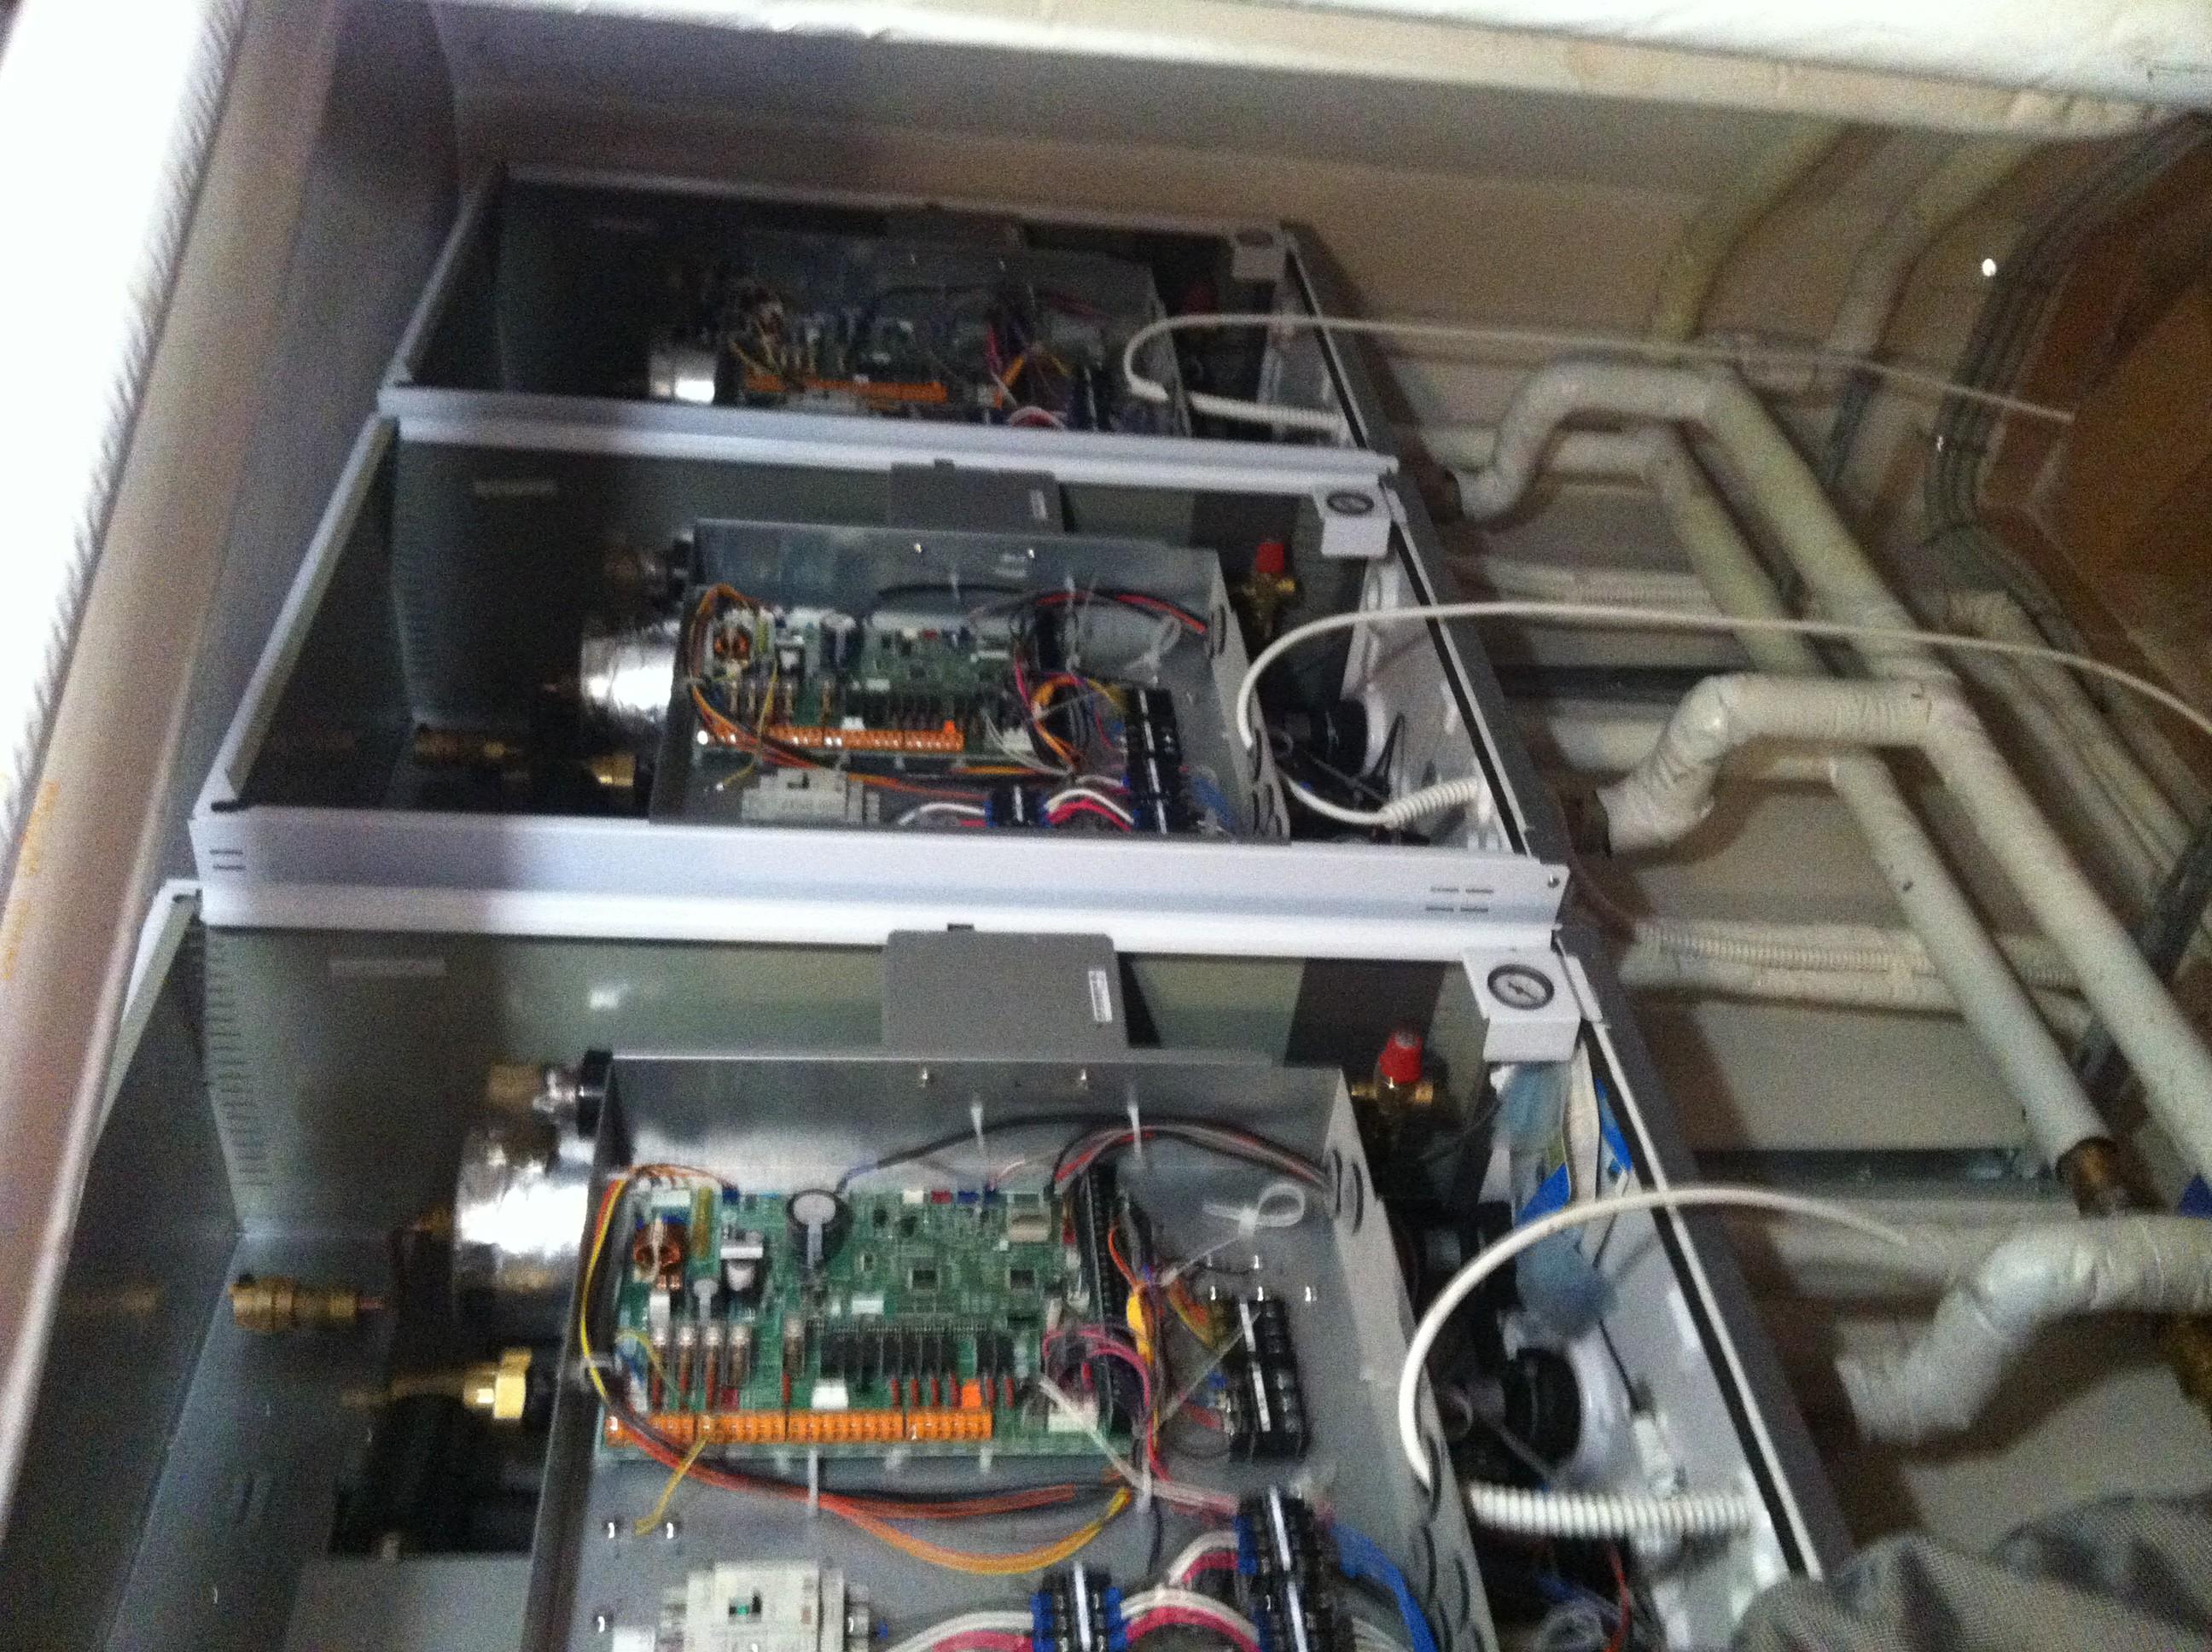 Τρείς Αντλίες Θερμότητος των  25 kW η κάθε μια σε κατοικία 700μ2 στην Εκάλη αρχή συνδέσεων-1